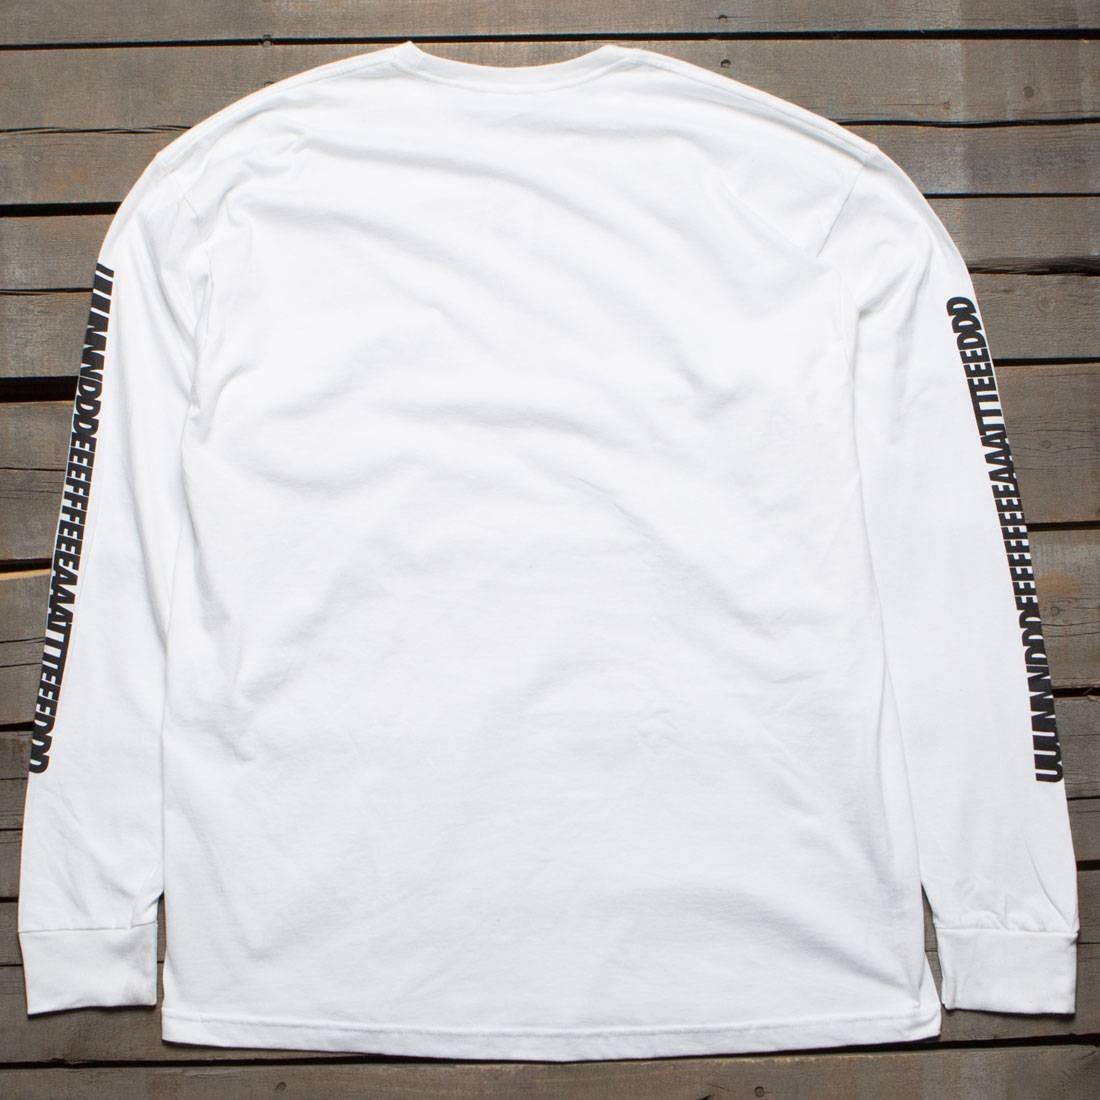 Undefeated Men UUUNNNDDD Long Sleeve Tee (white)